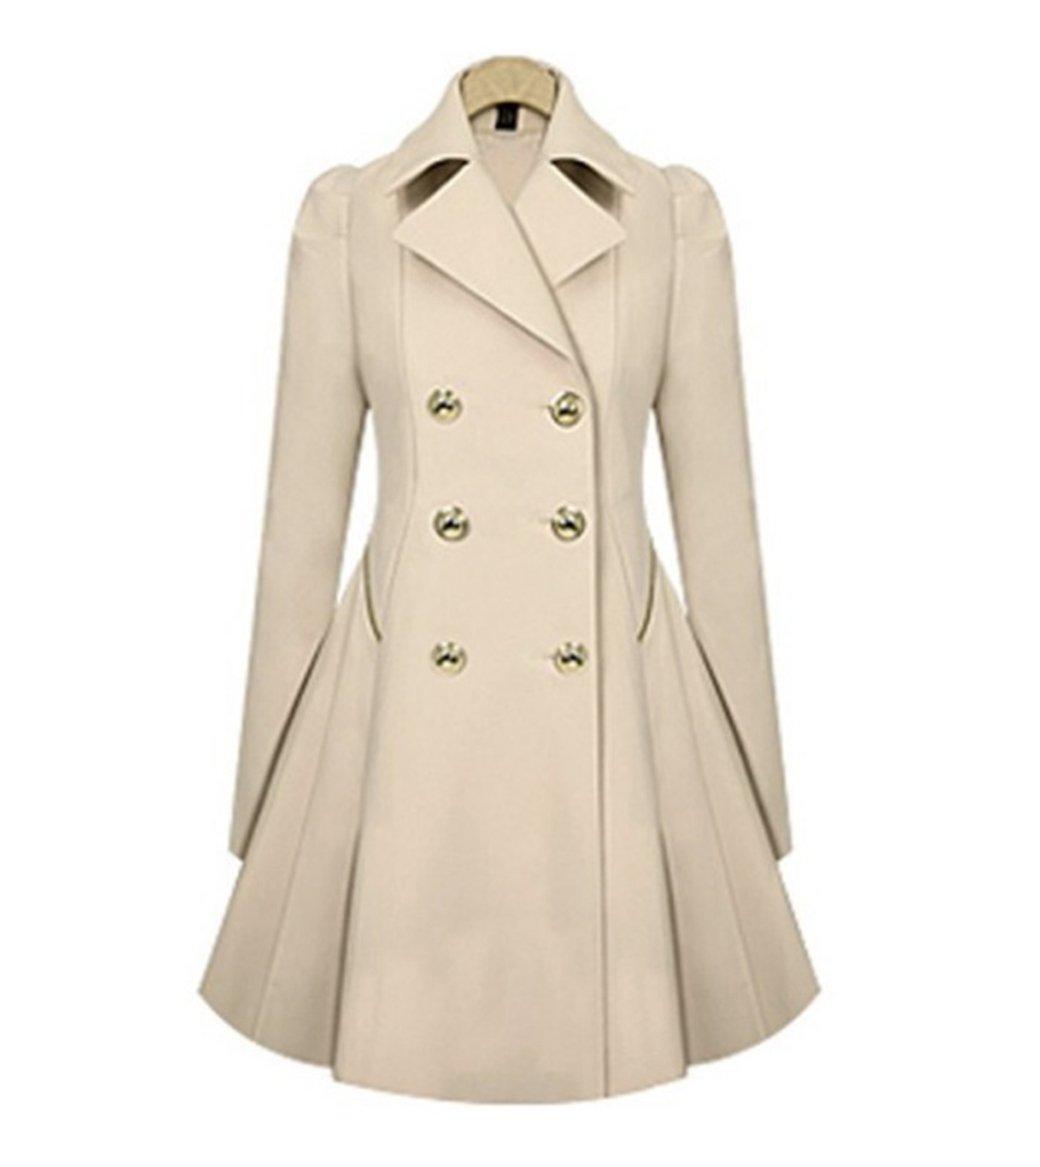 H&N Women Elegant Long Trench Coat Jacket HN Women Double Breasted Pea Overcoat (XXL, Beige)